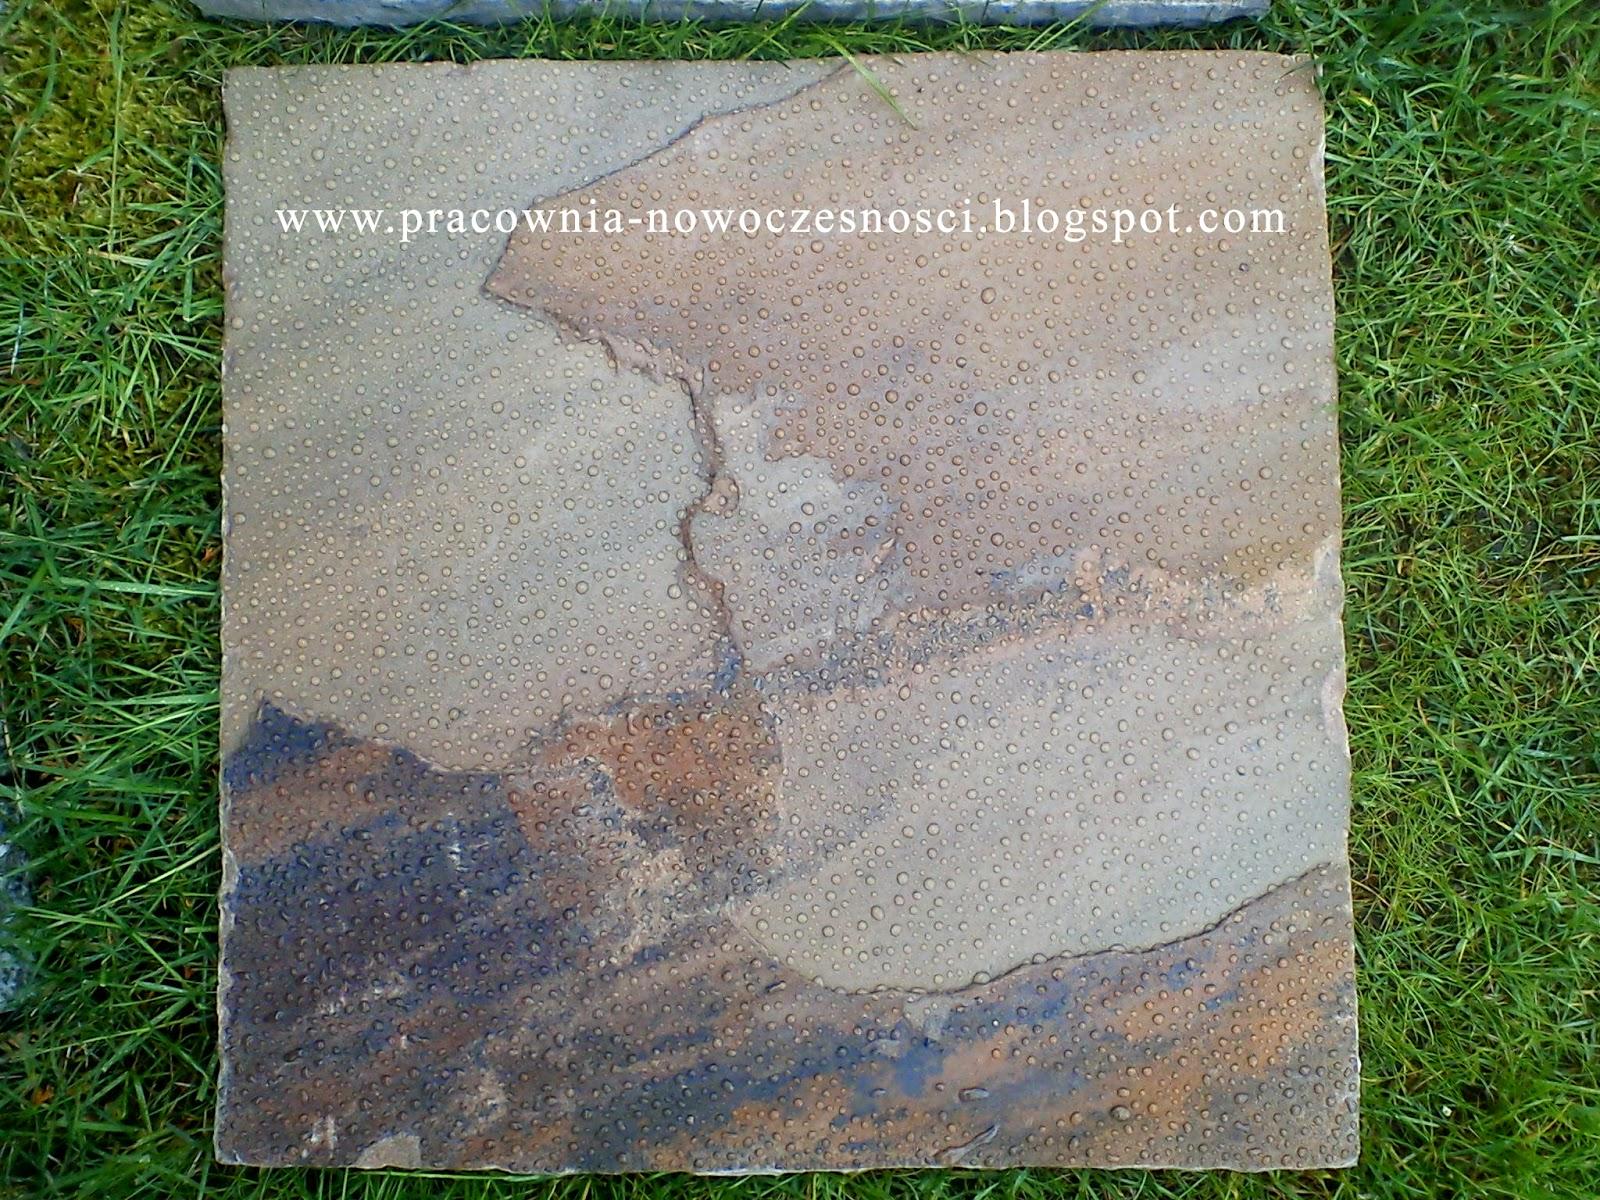 płyty tarasowe kamienne